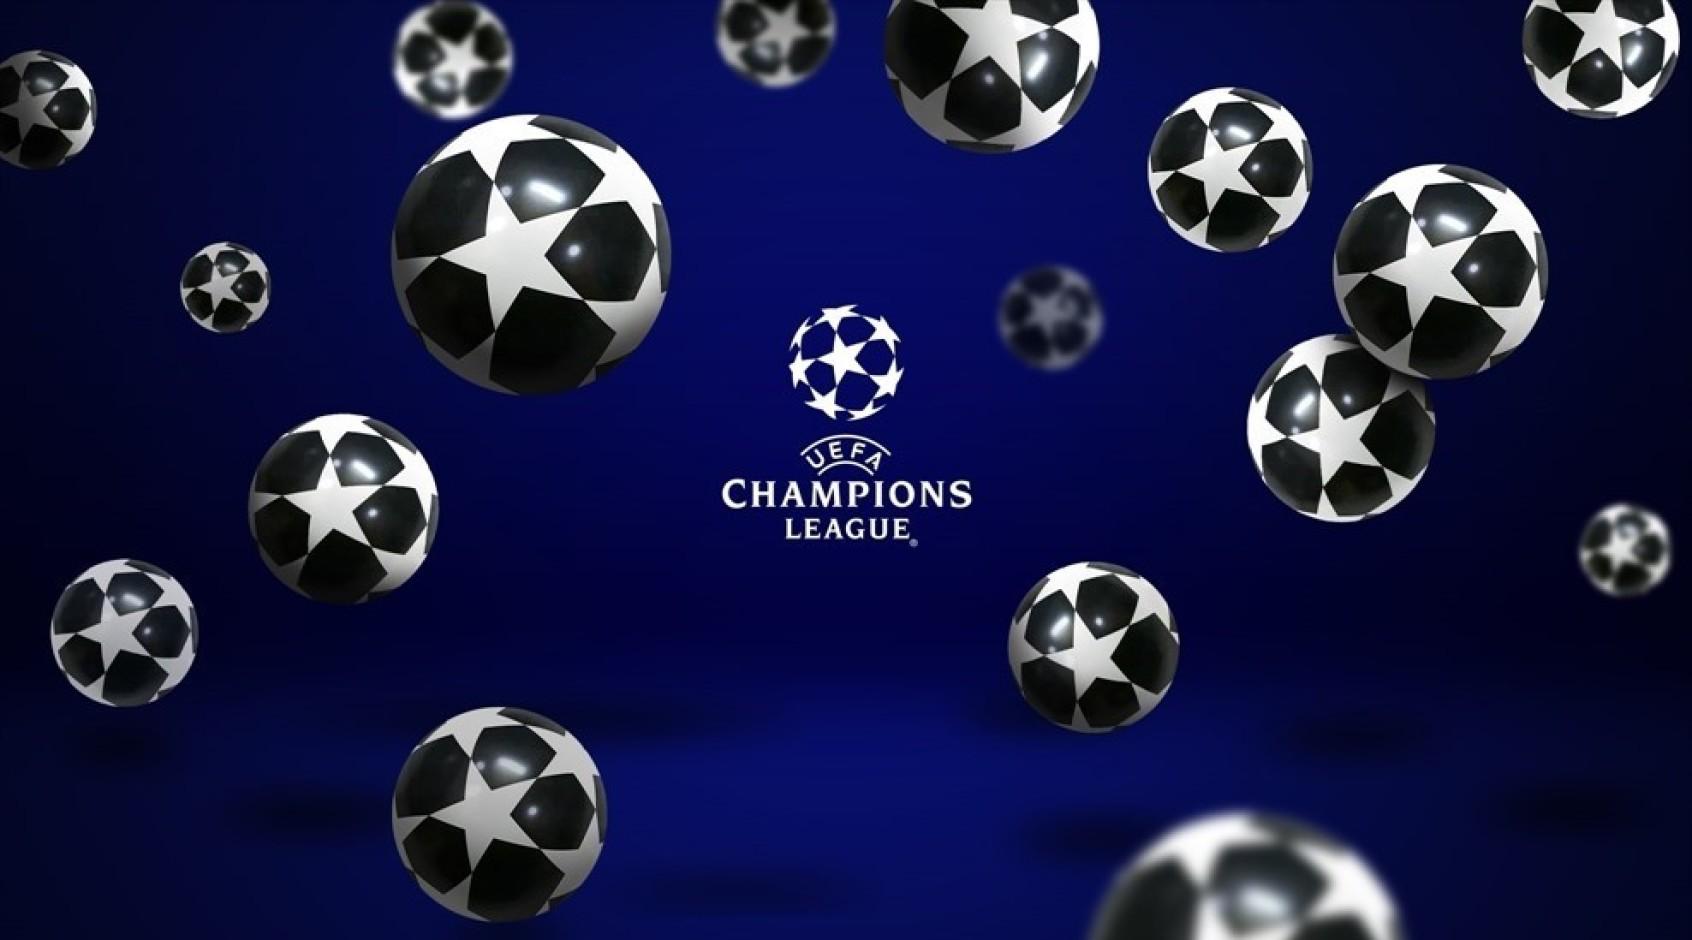 Жеребьевка раунда плей-офф Лиги чемпионов. Онлайн